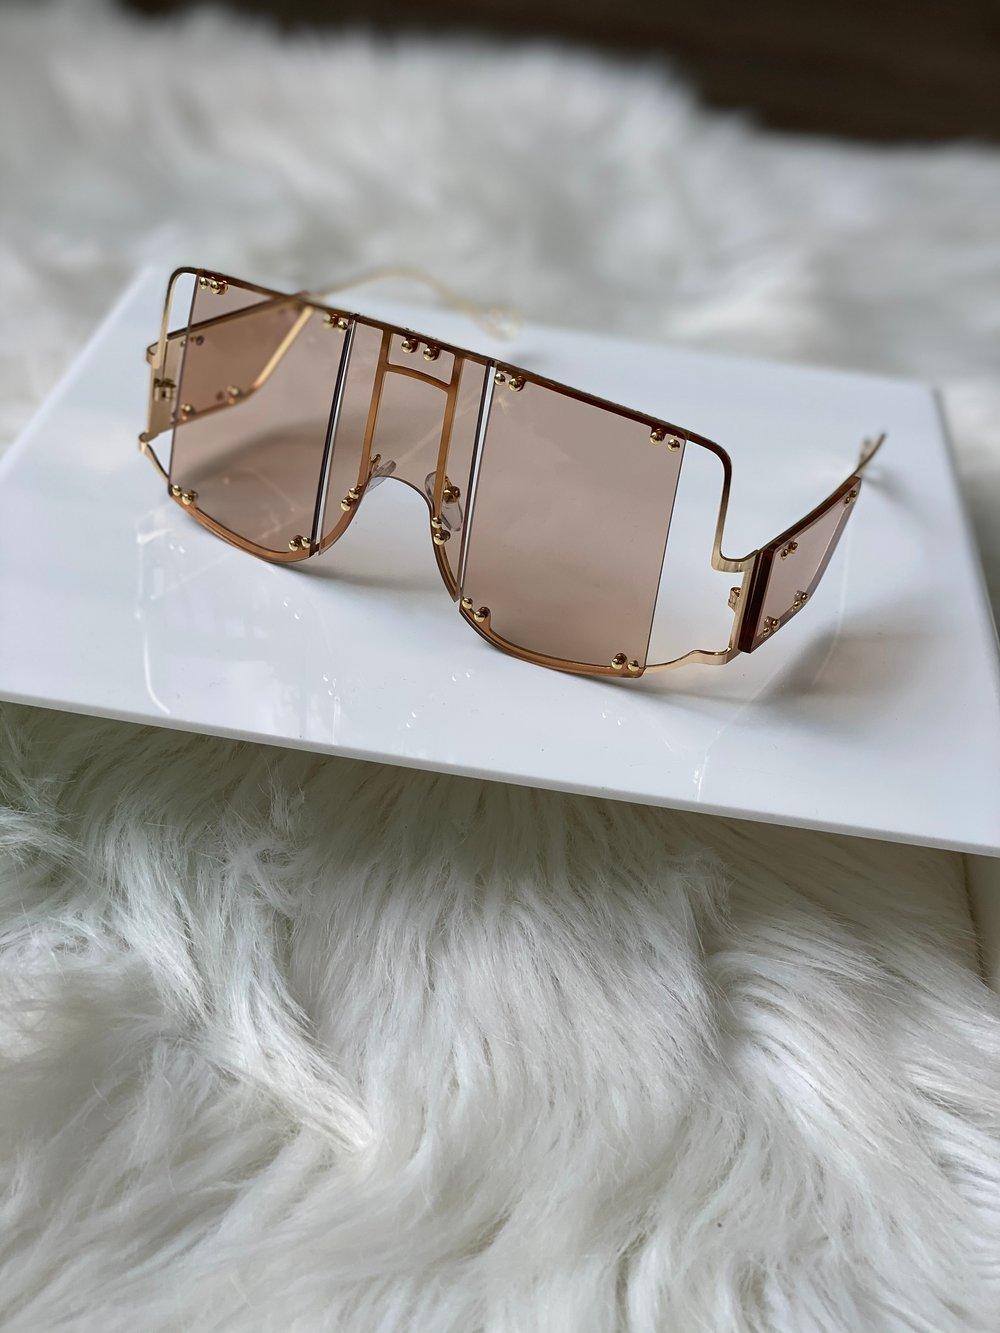 Image of Premium Miami Shades